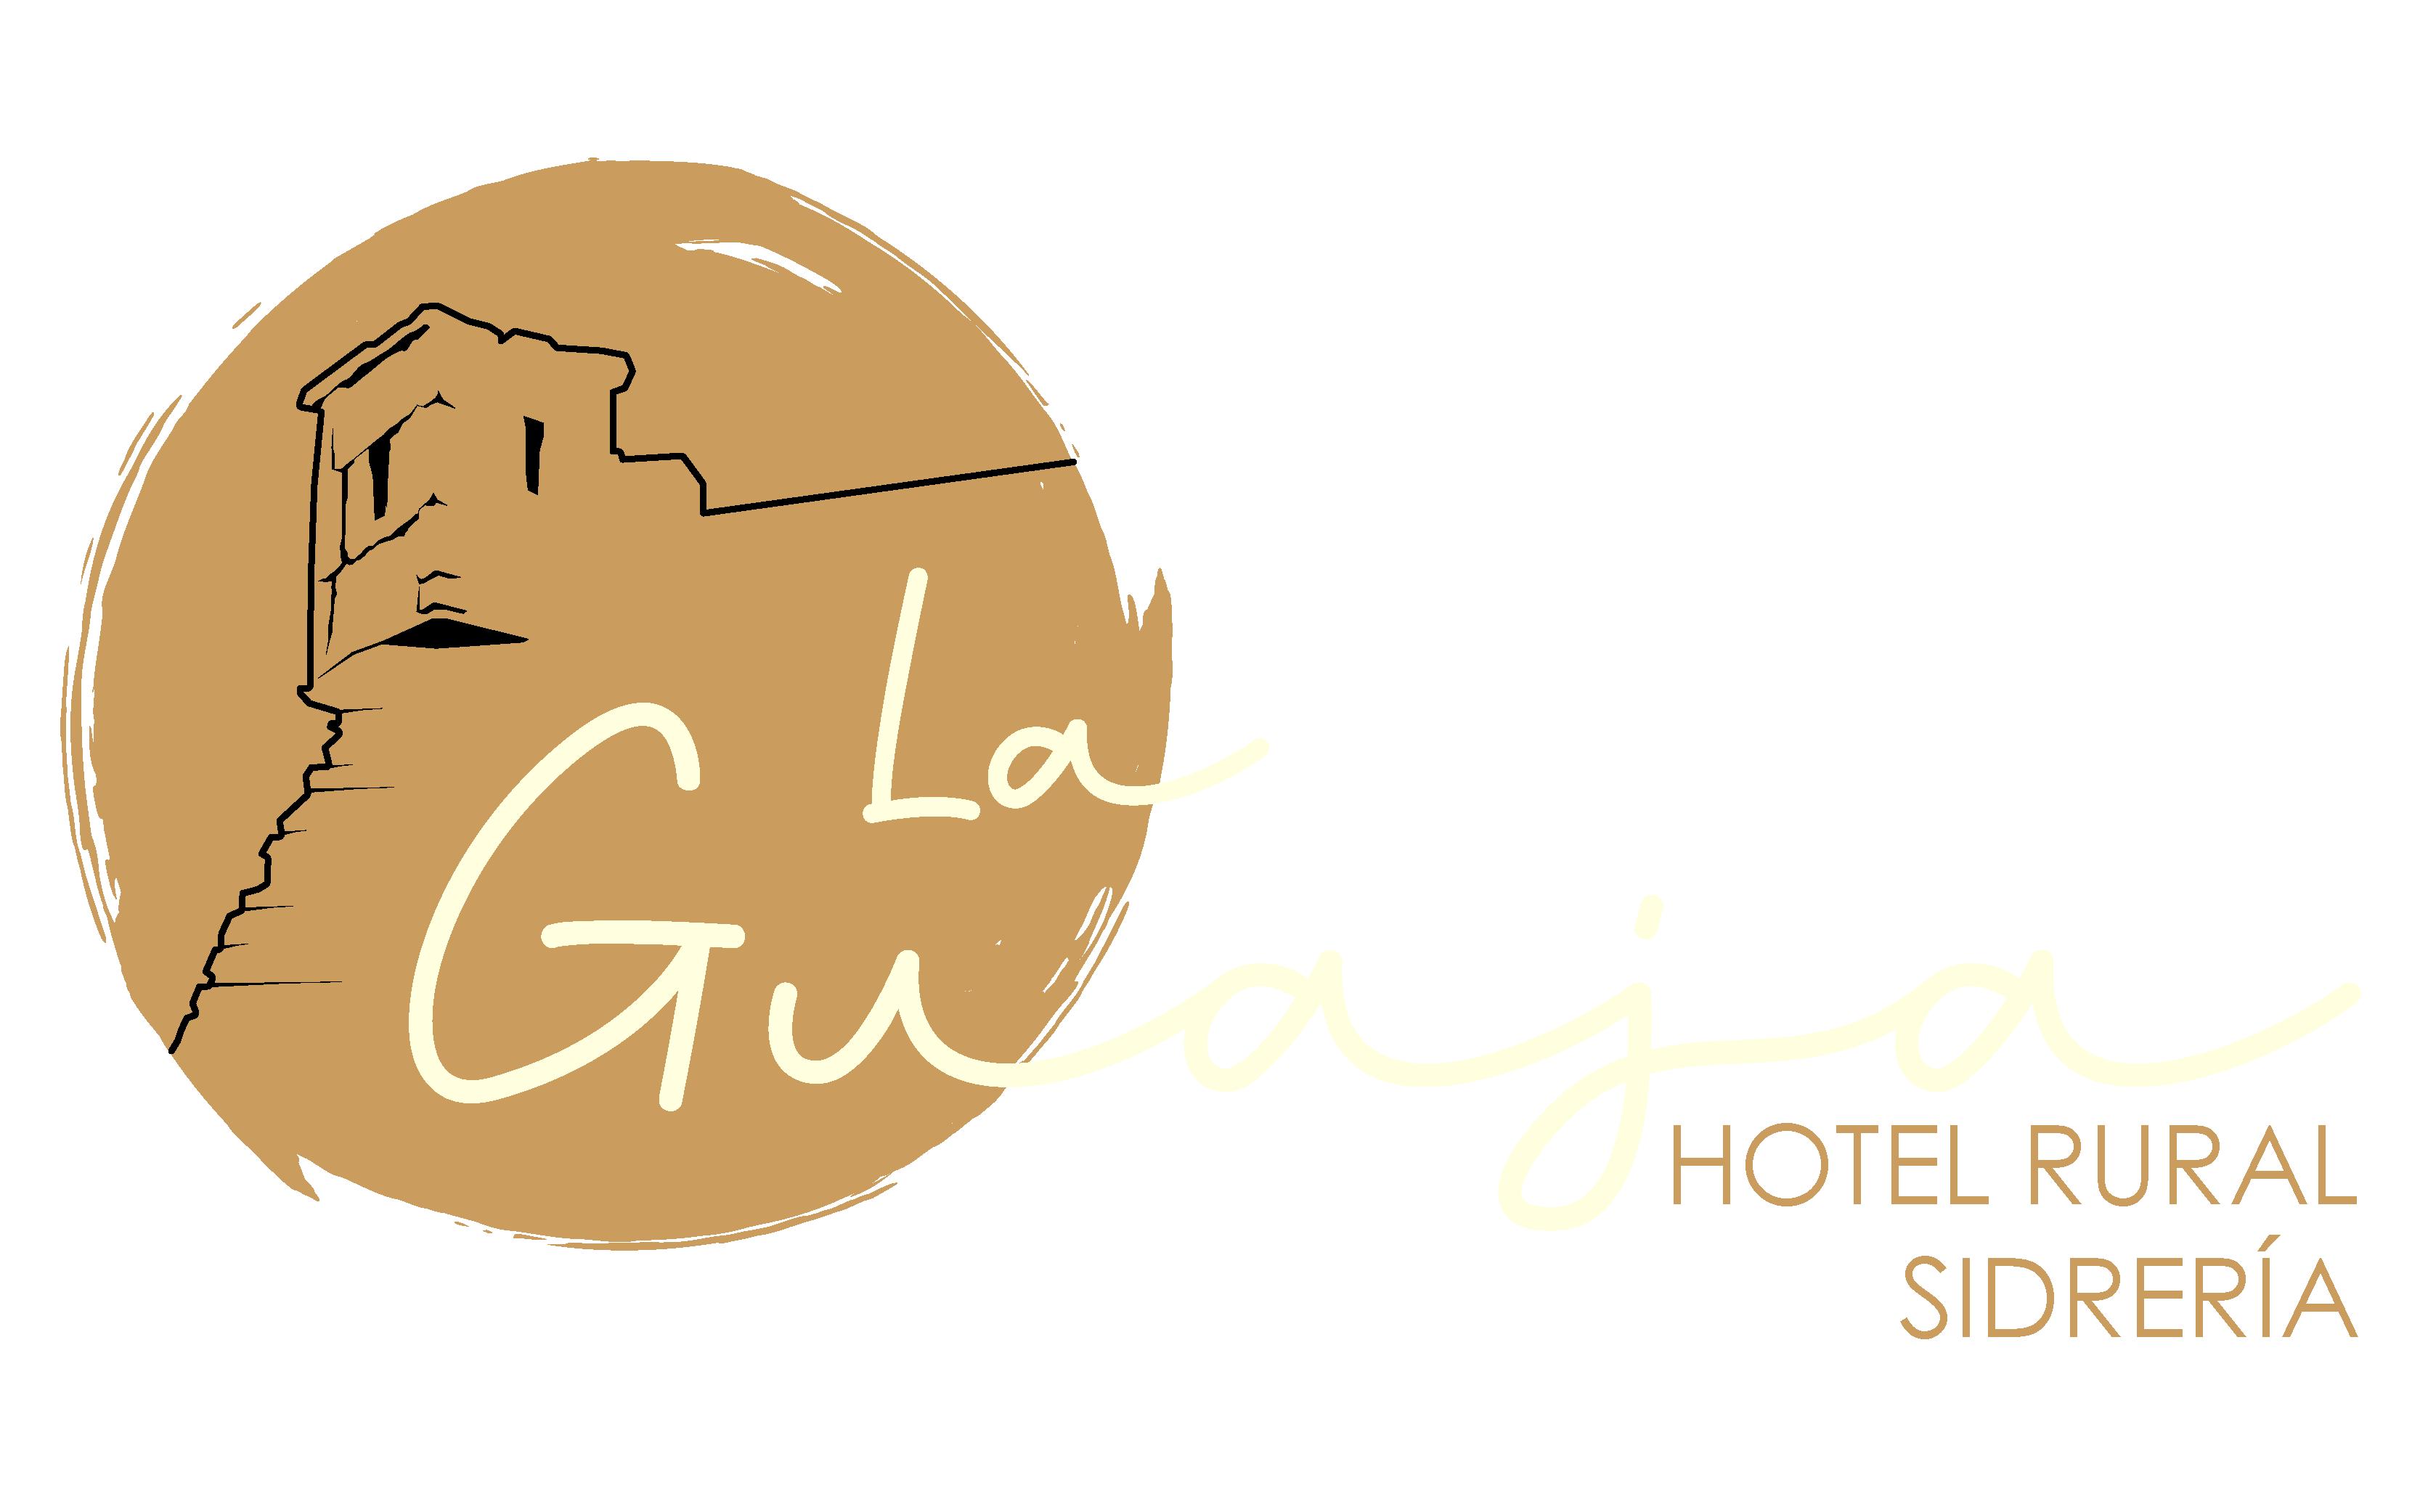 logo La Guaja Hotel Rural Sidrería Sanabria